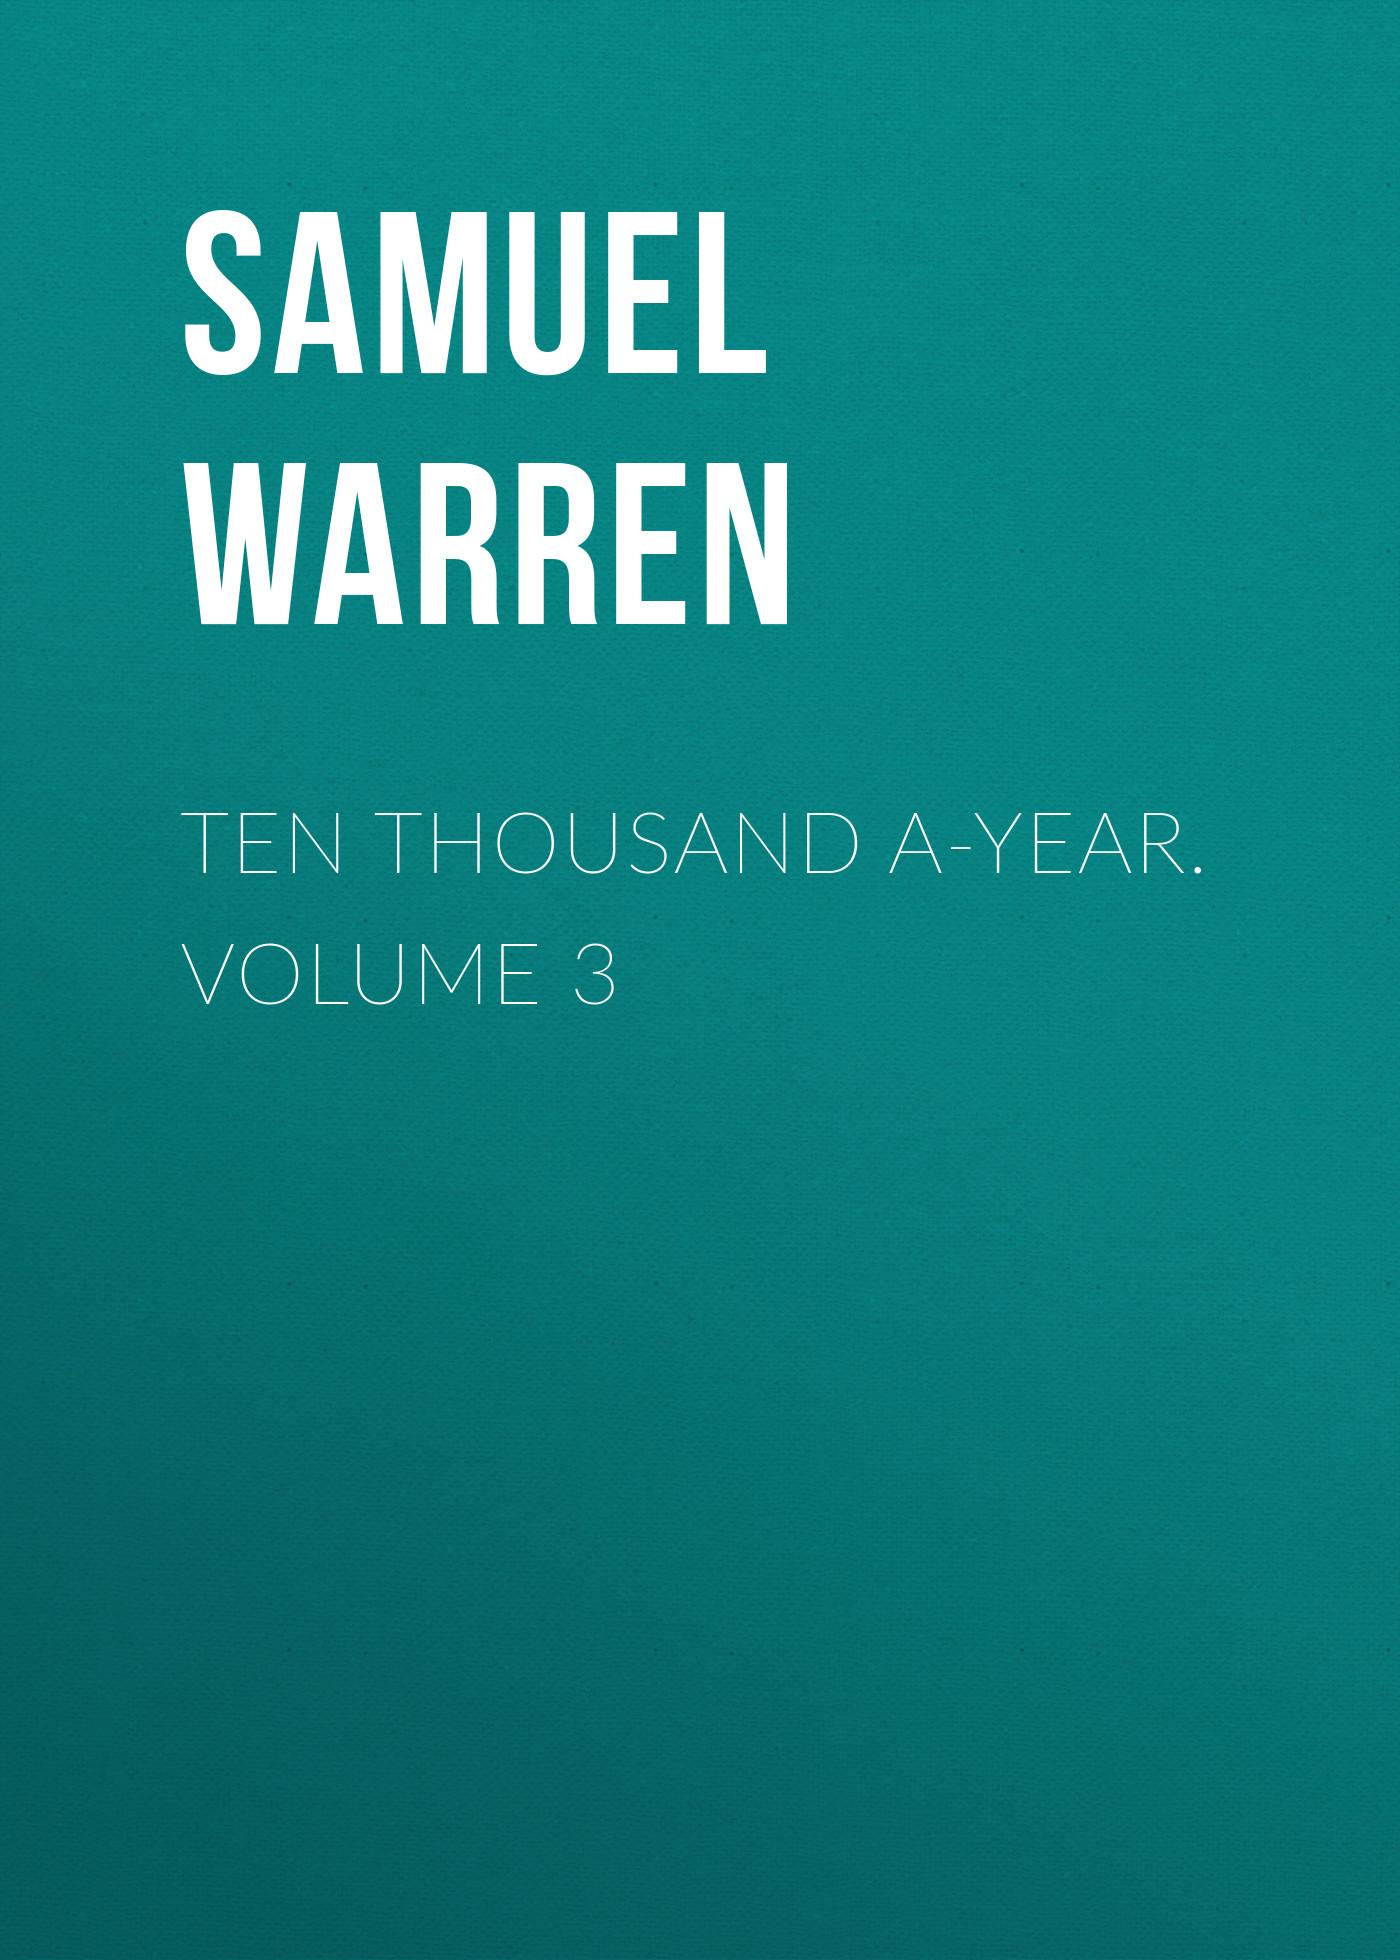 Samuel Warren Ten Thousand a-Year. Volume 3